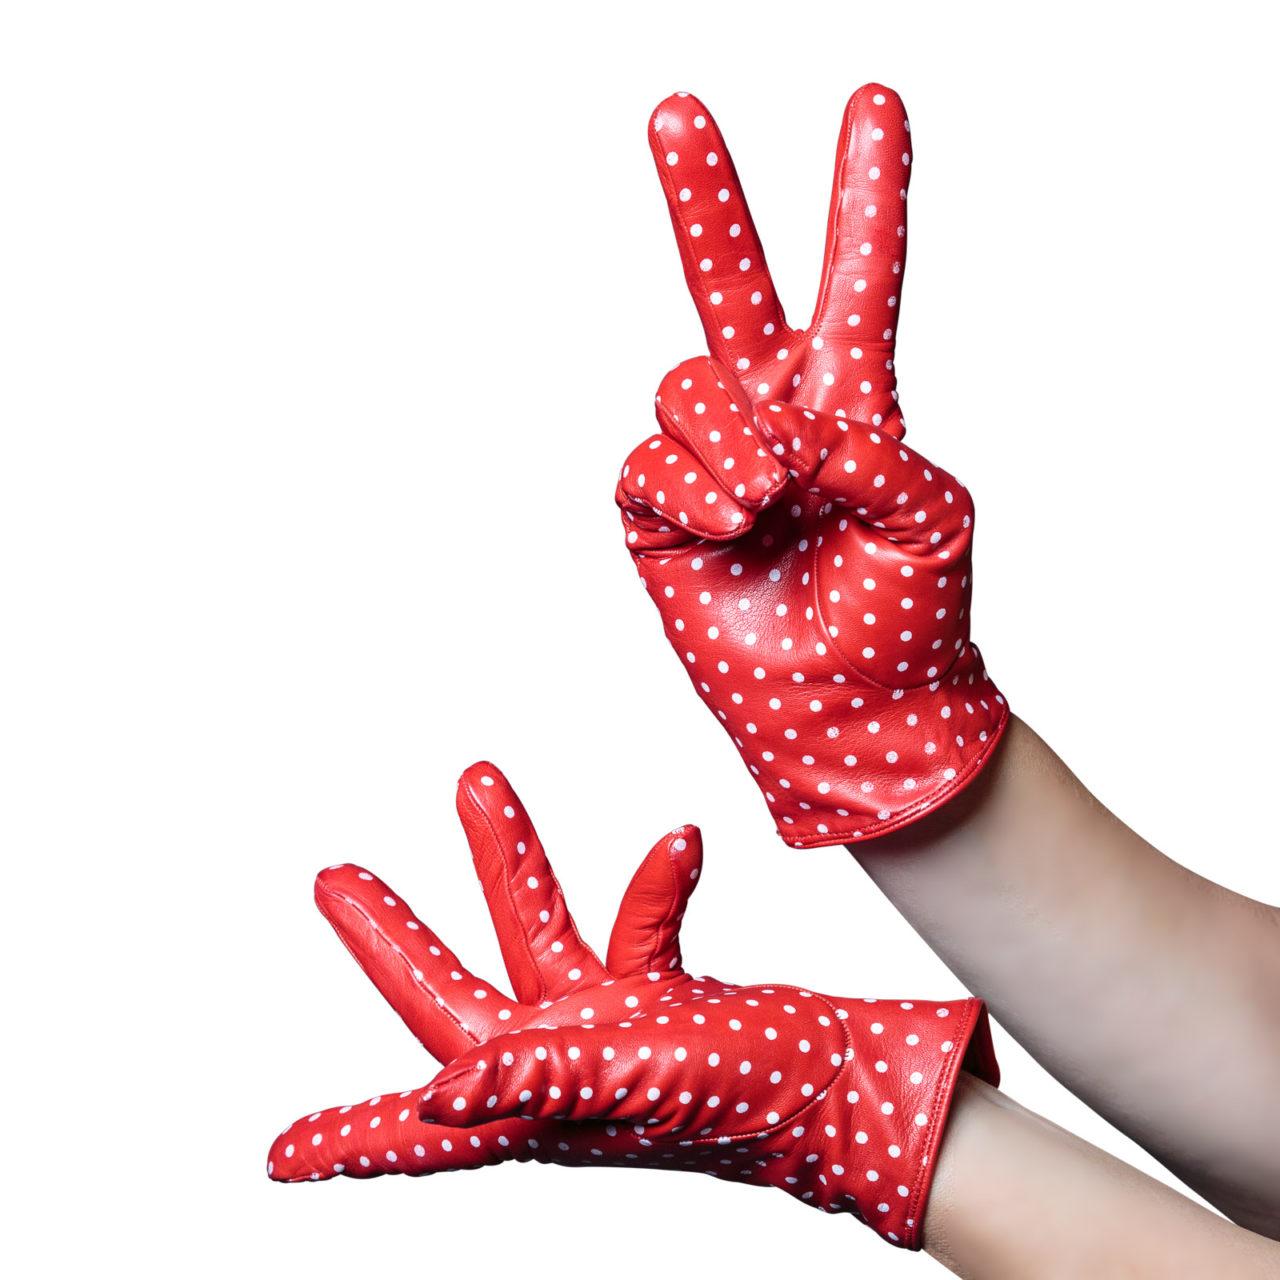 beau-gant-gloves-polka-dot-gloves-red-white-two